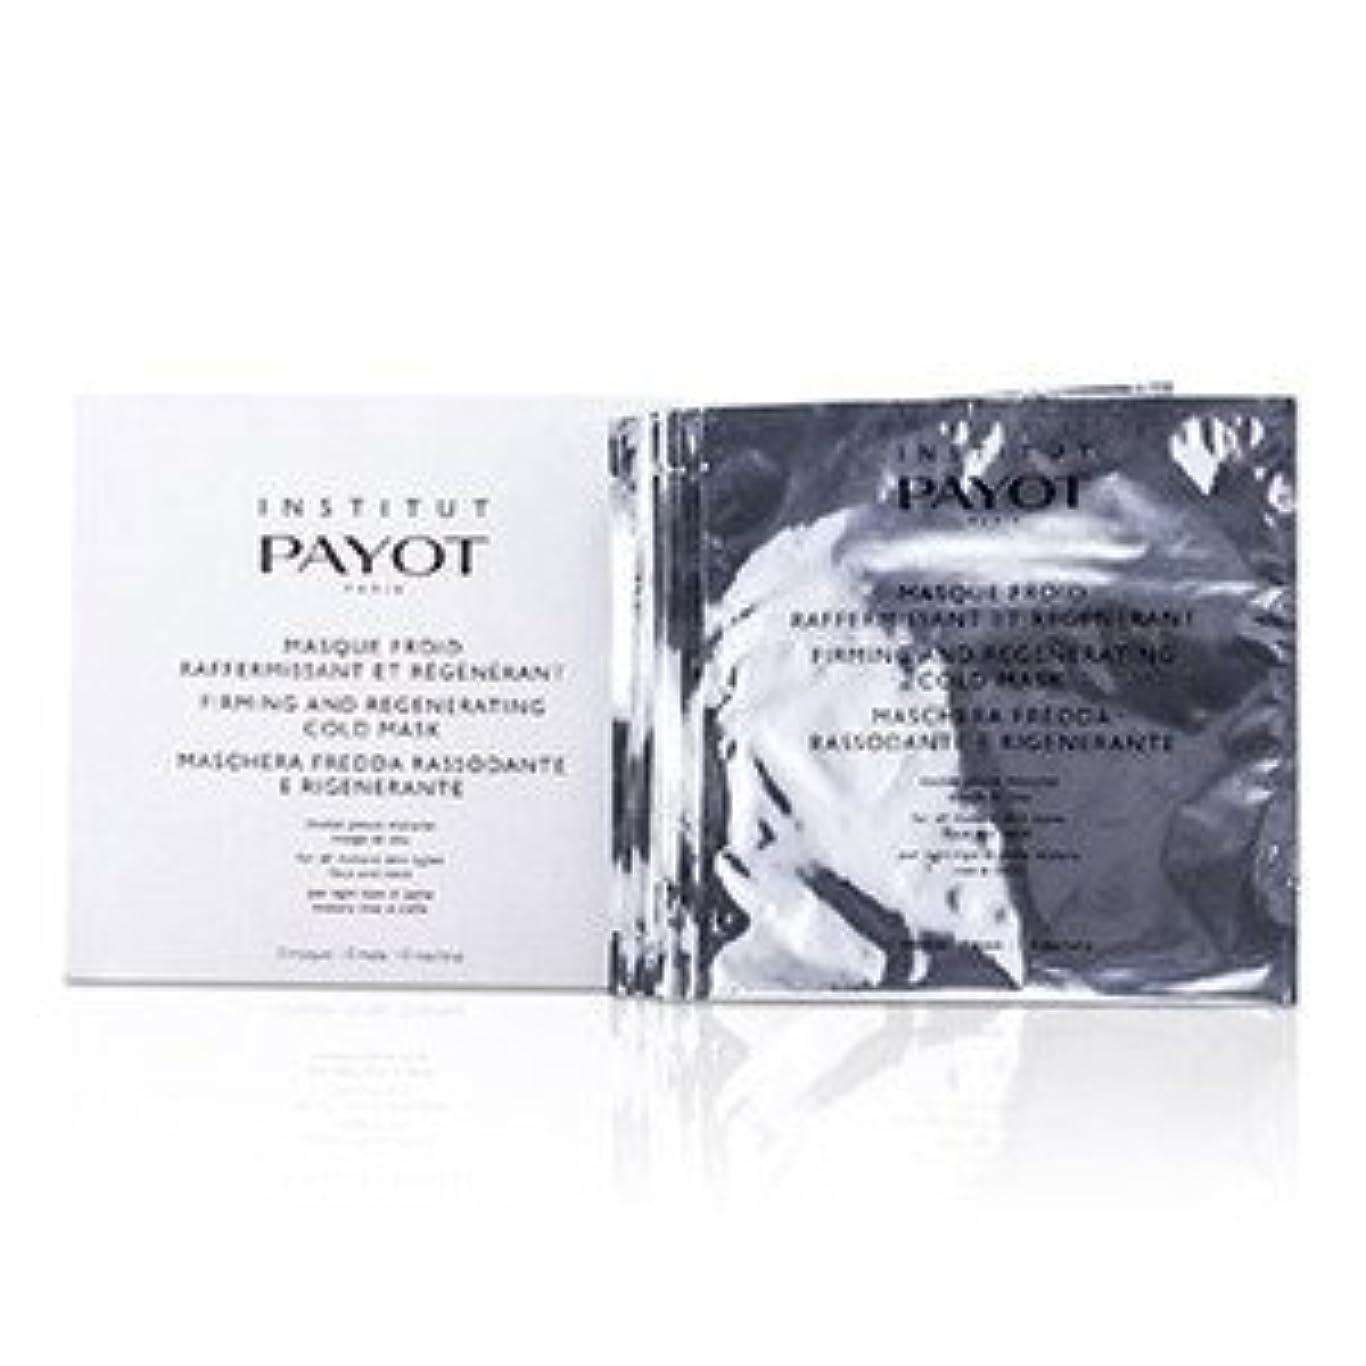 ホールドオールキャロライン症状Payot ファーミング&リジェネレーティング コールド マスク 10枚入り [並行輸入品]